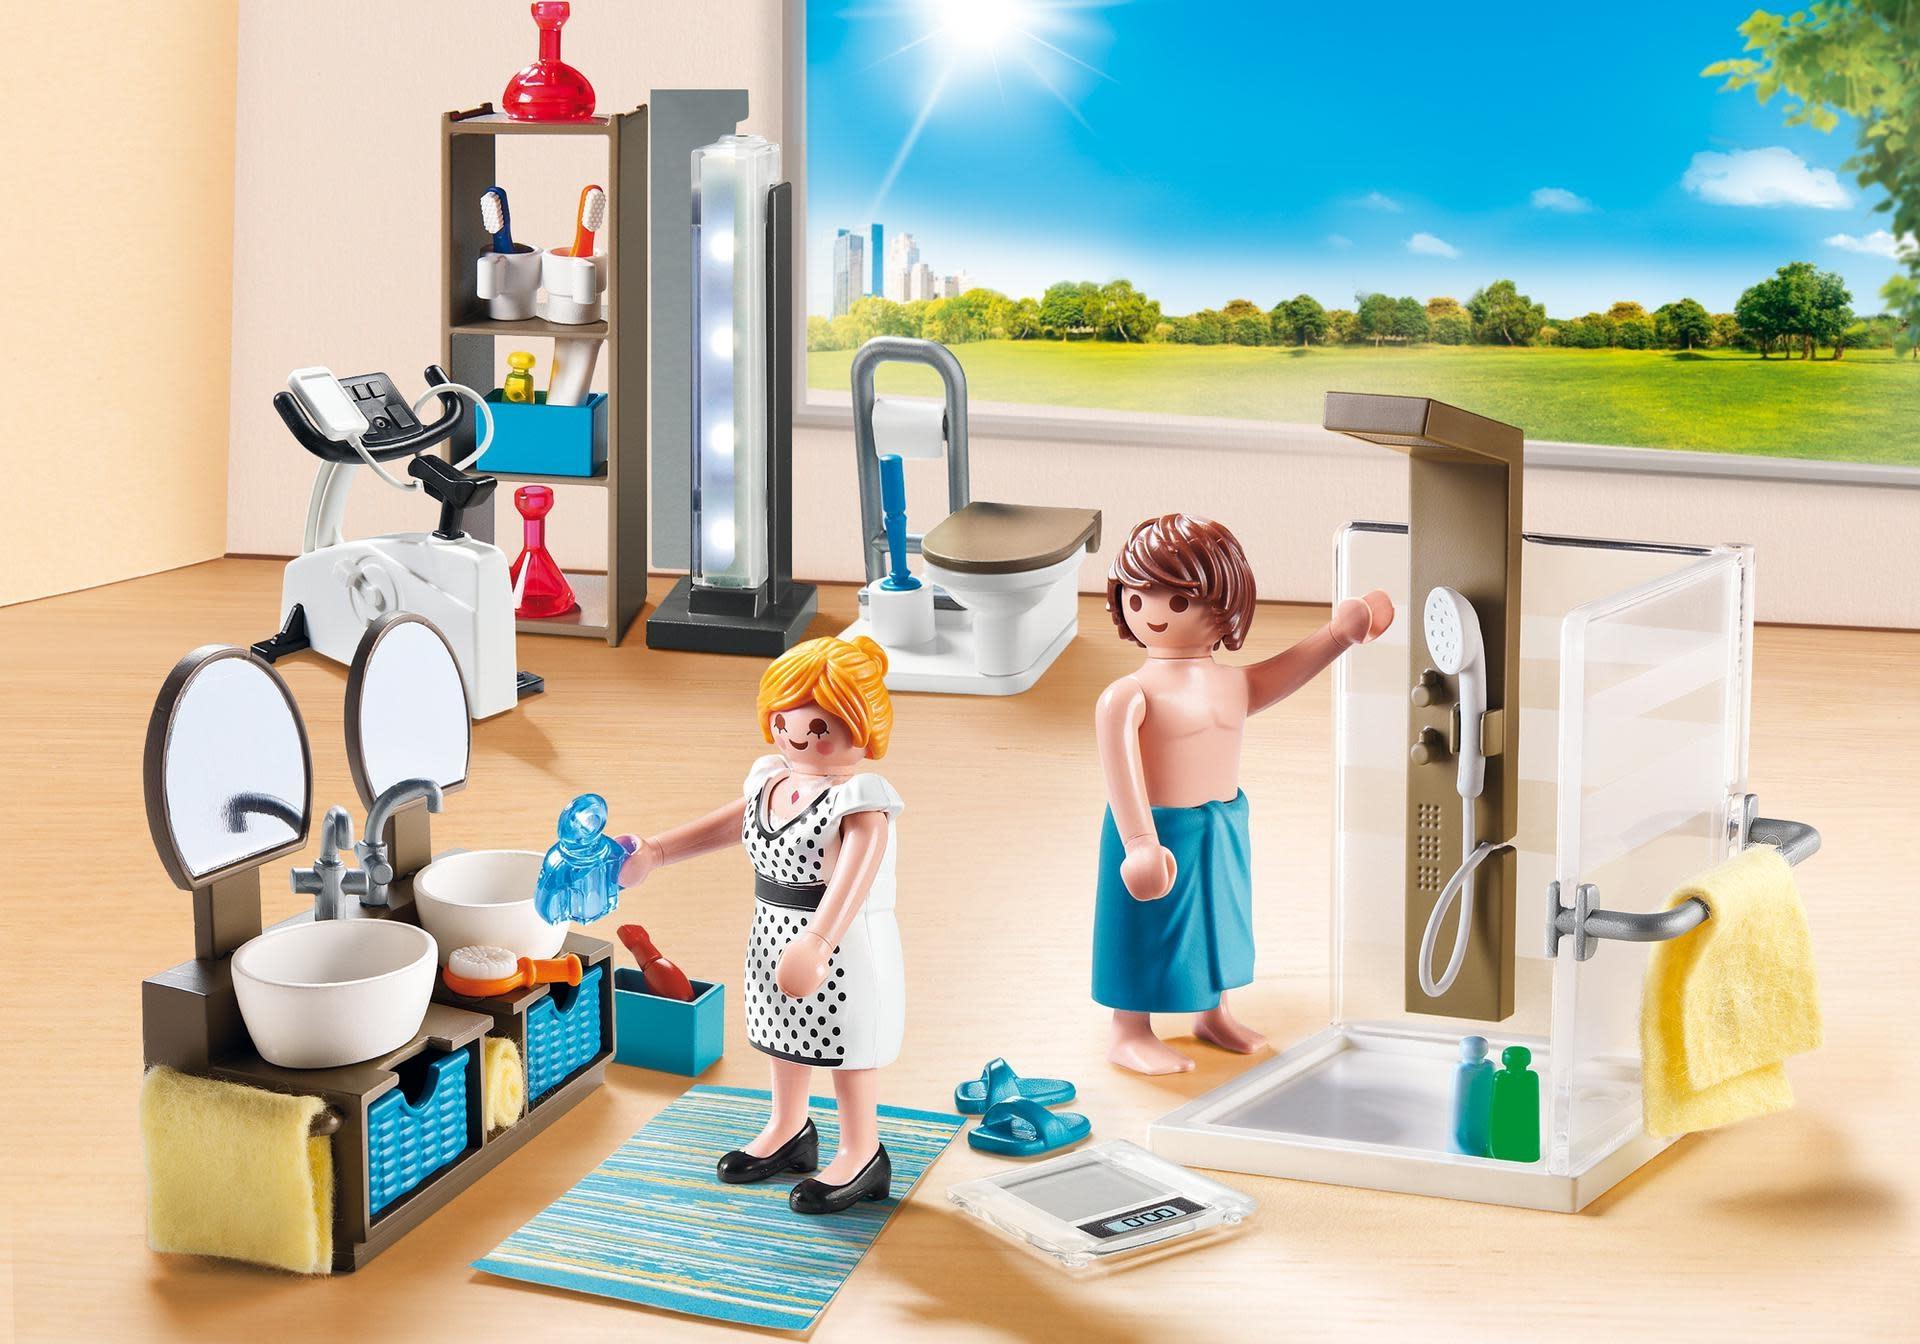 Maison moderne playmobil- se détendre dans la salle de bain.